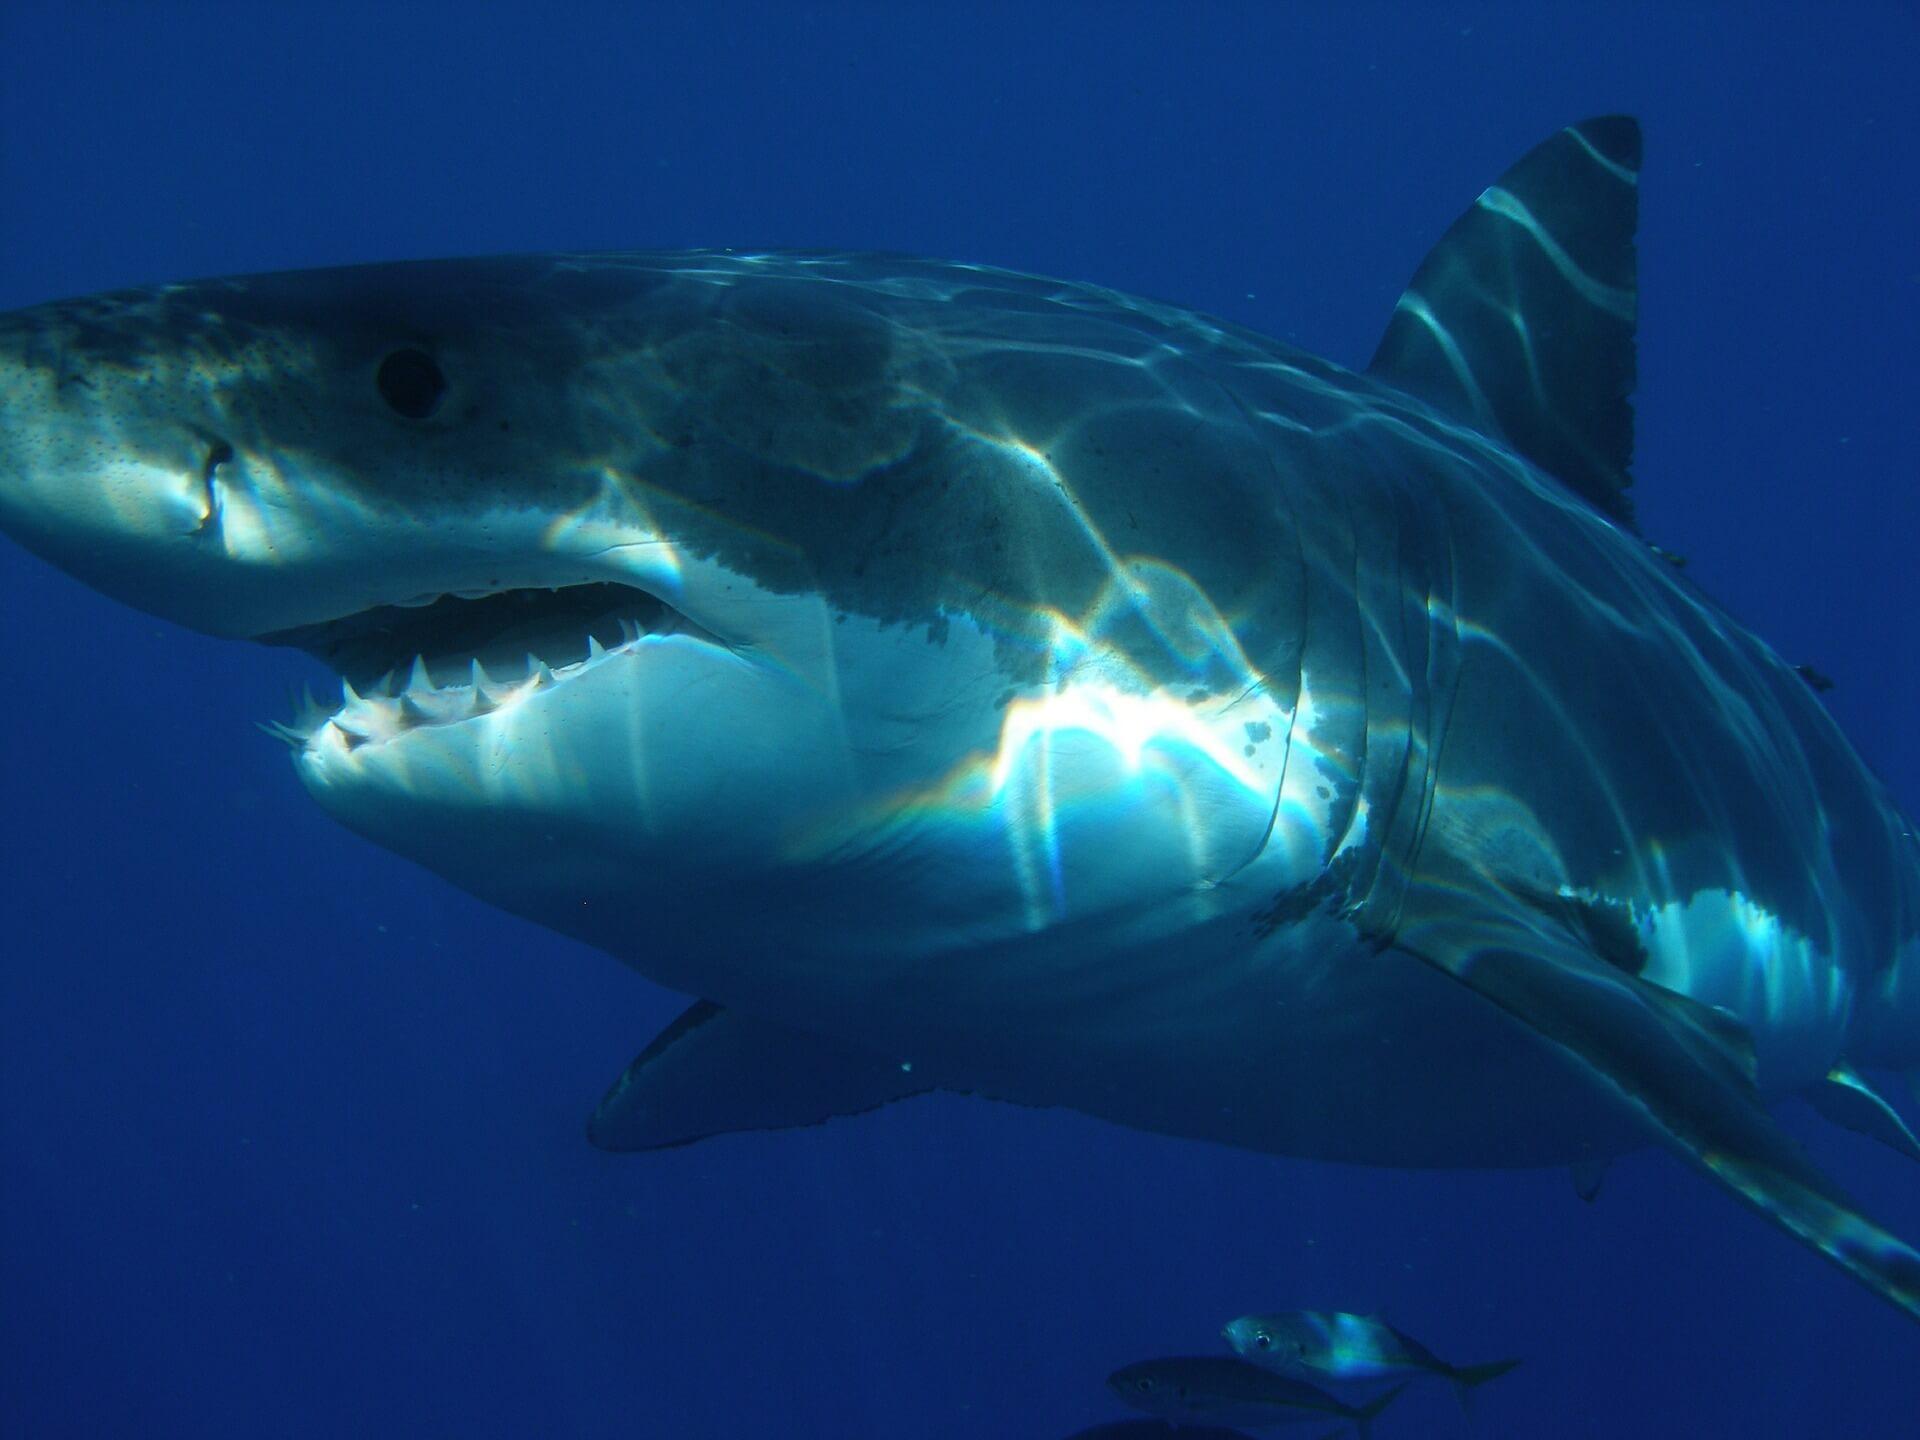 Boy Loses Fish to Shark